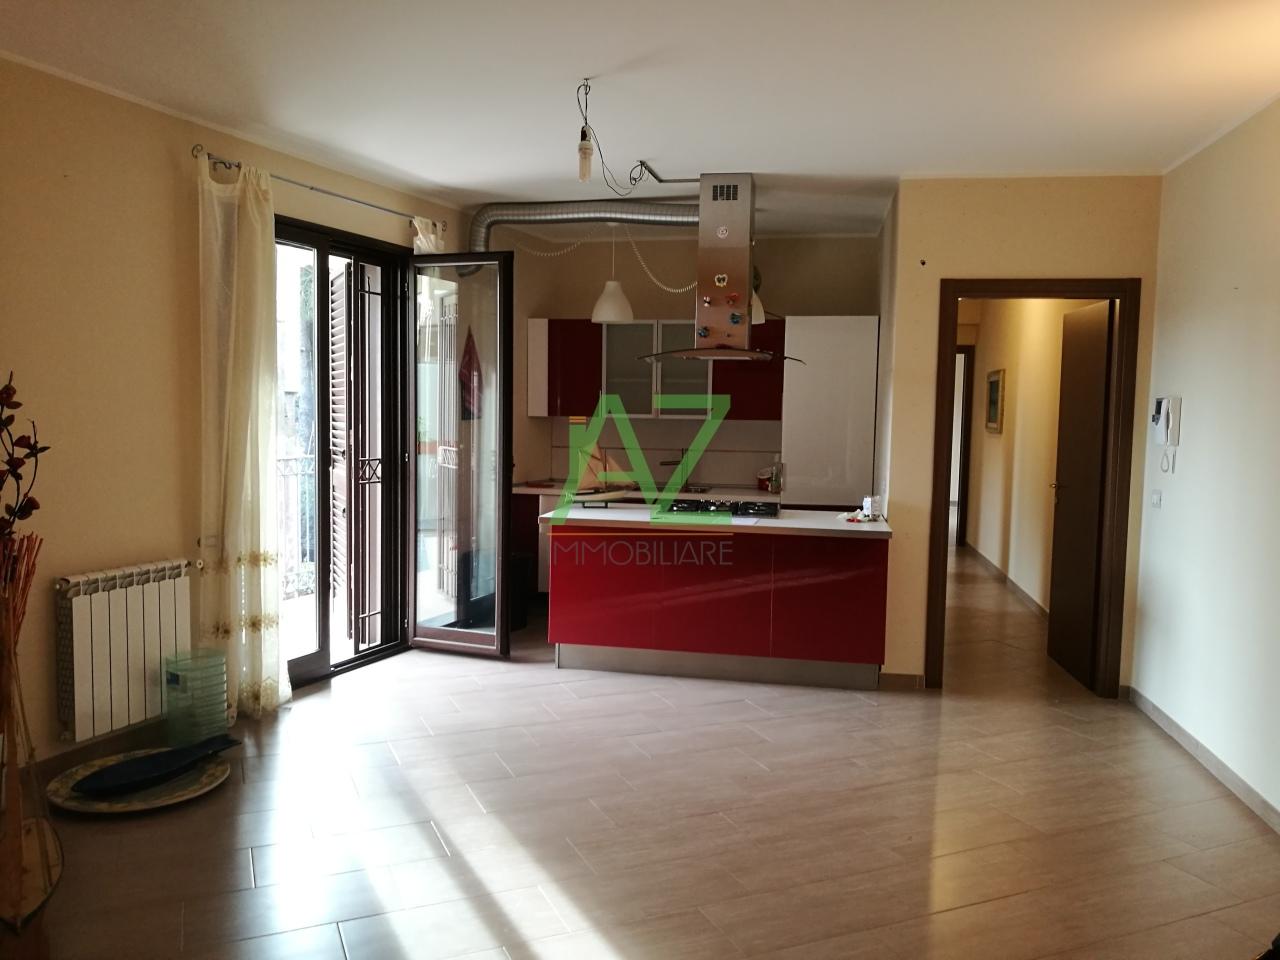 Appartamento in vendita a Tremestieri Etneo, 3 locali, prezzo € 159.000 | Cambio Casa.it